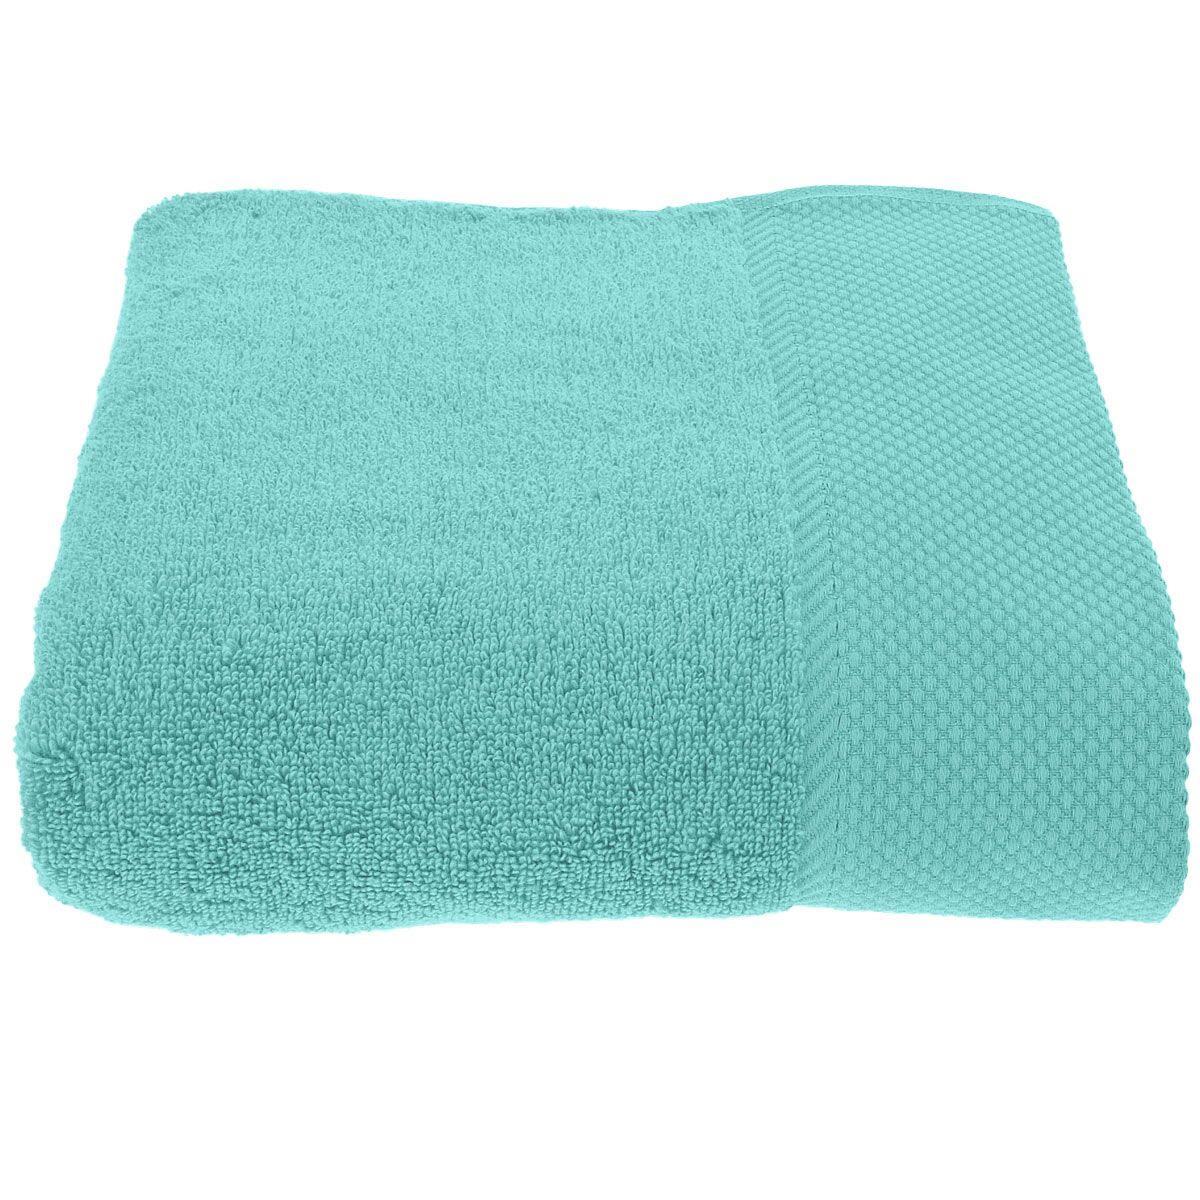 serviette de toilette unie 560gr m bleu turquoise petrol bleu arctic poudre. Black Bedroom Furniture Sets. Home Design Ideas